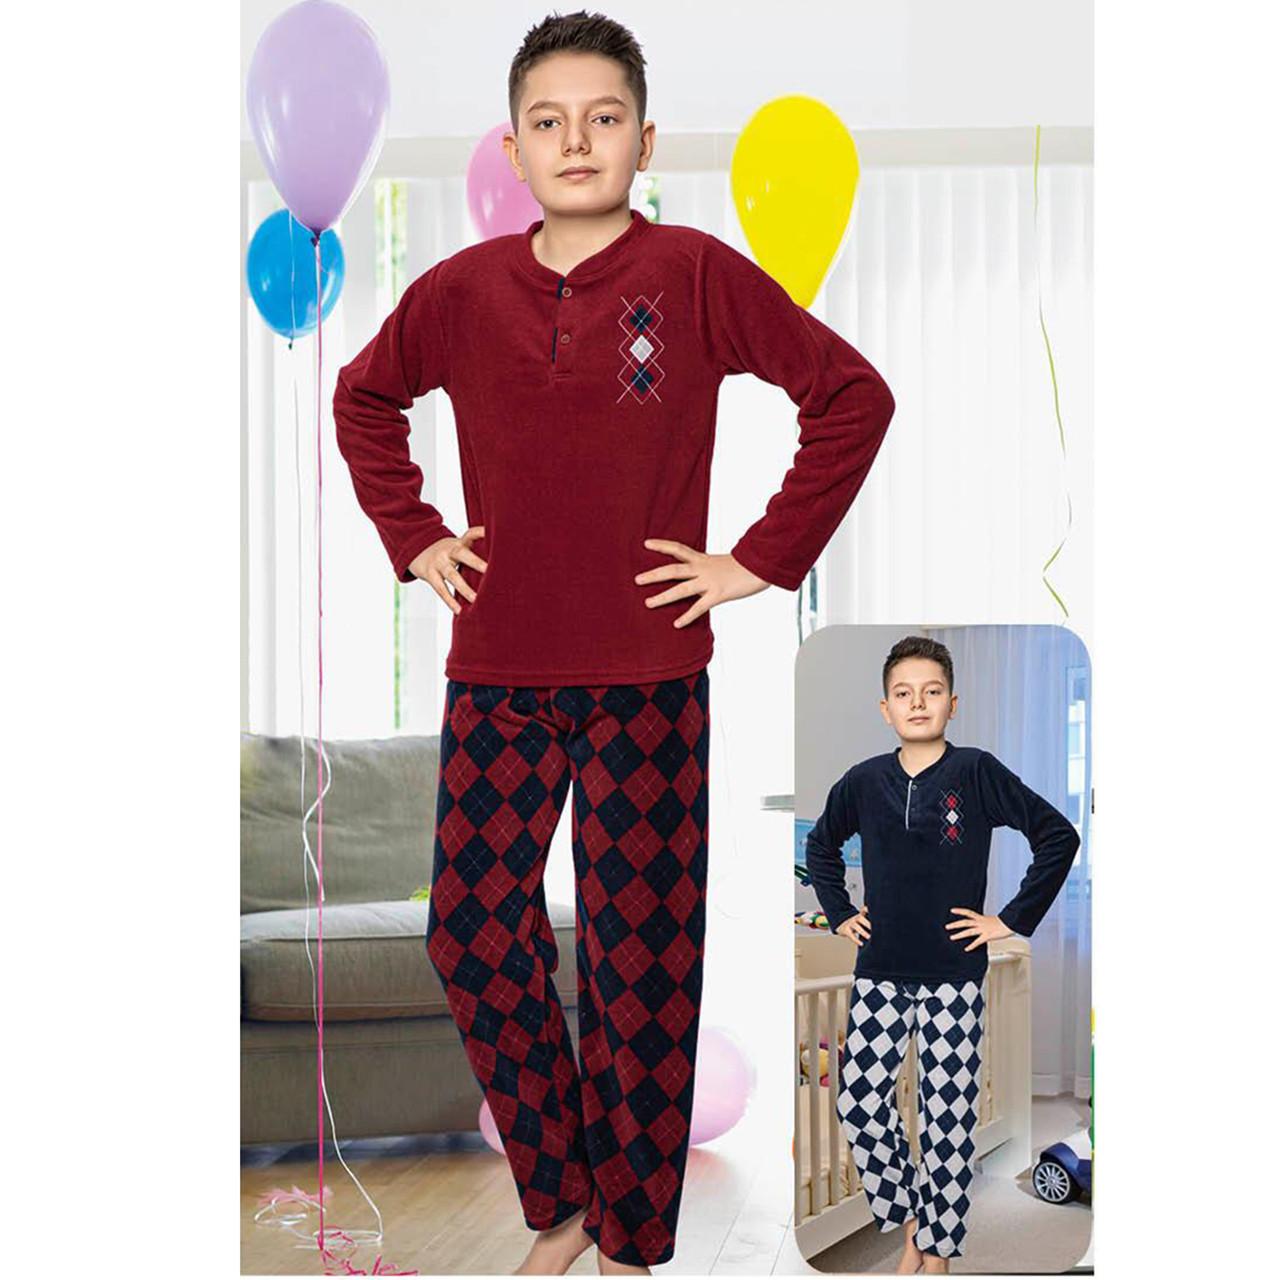 Пижама детская для мальчика зимняя флисовая Турция 6-10 лет, костюм для дома